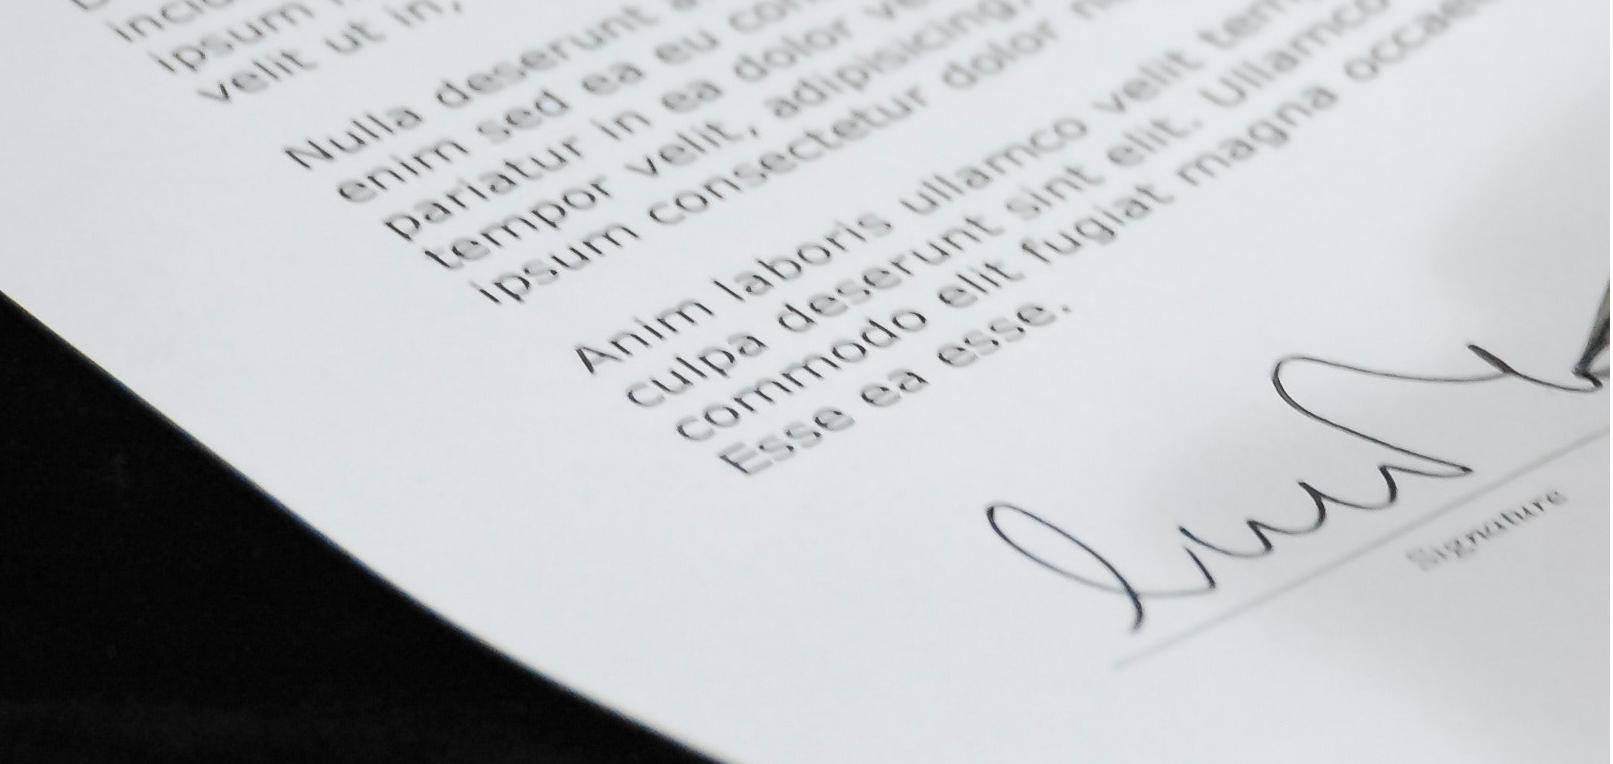 Parere del Consiglio di Stato sul partenariato pubblico privato a proposito della schema di contratto standard